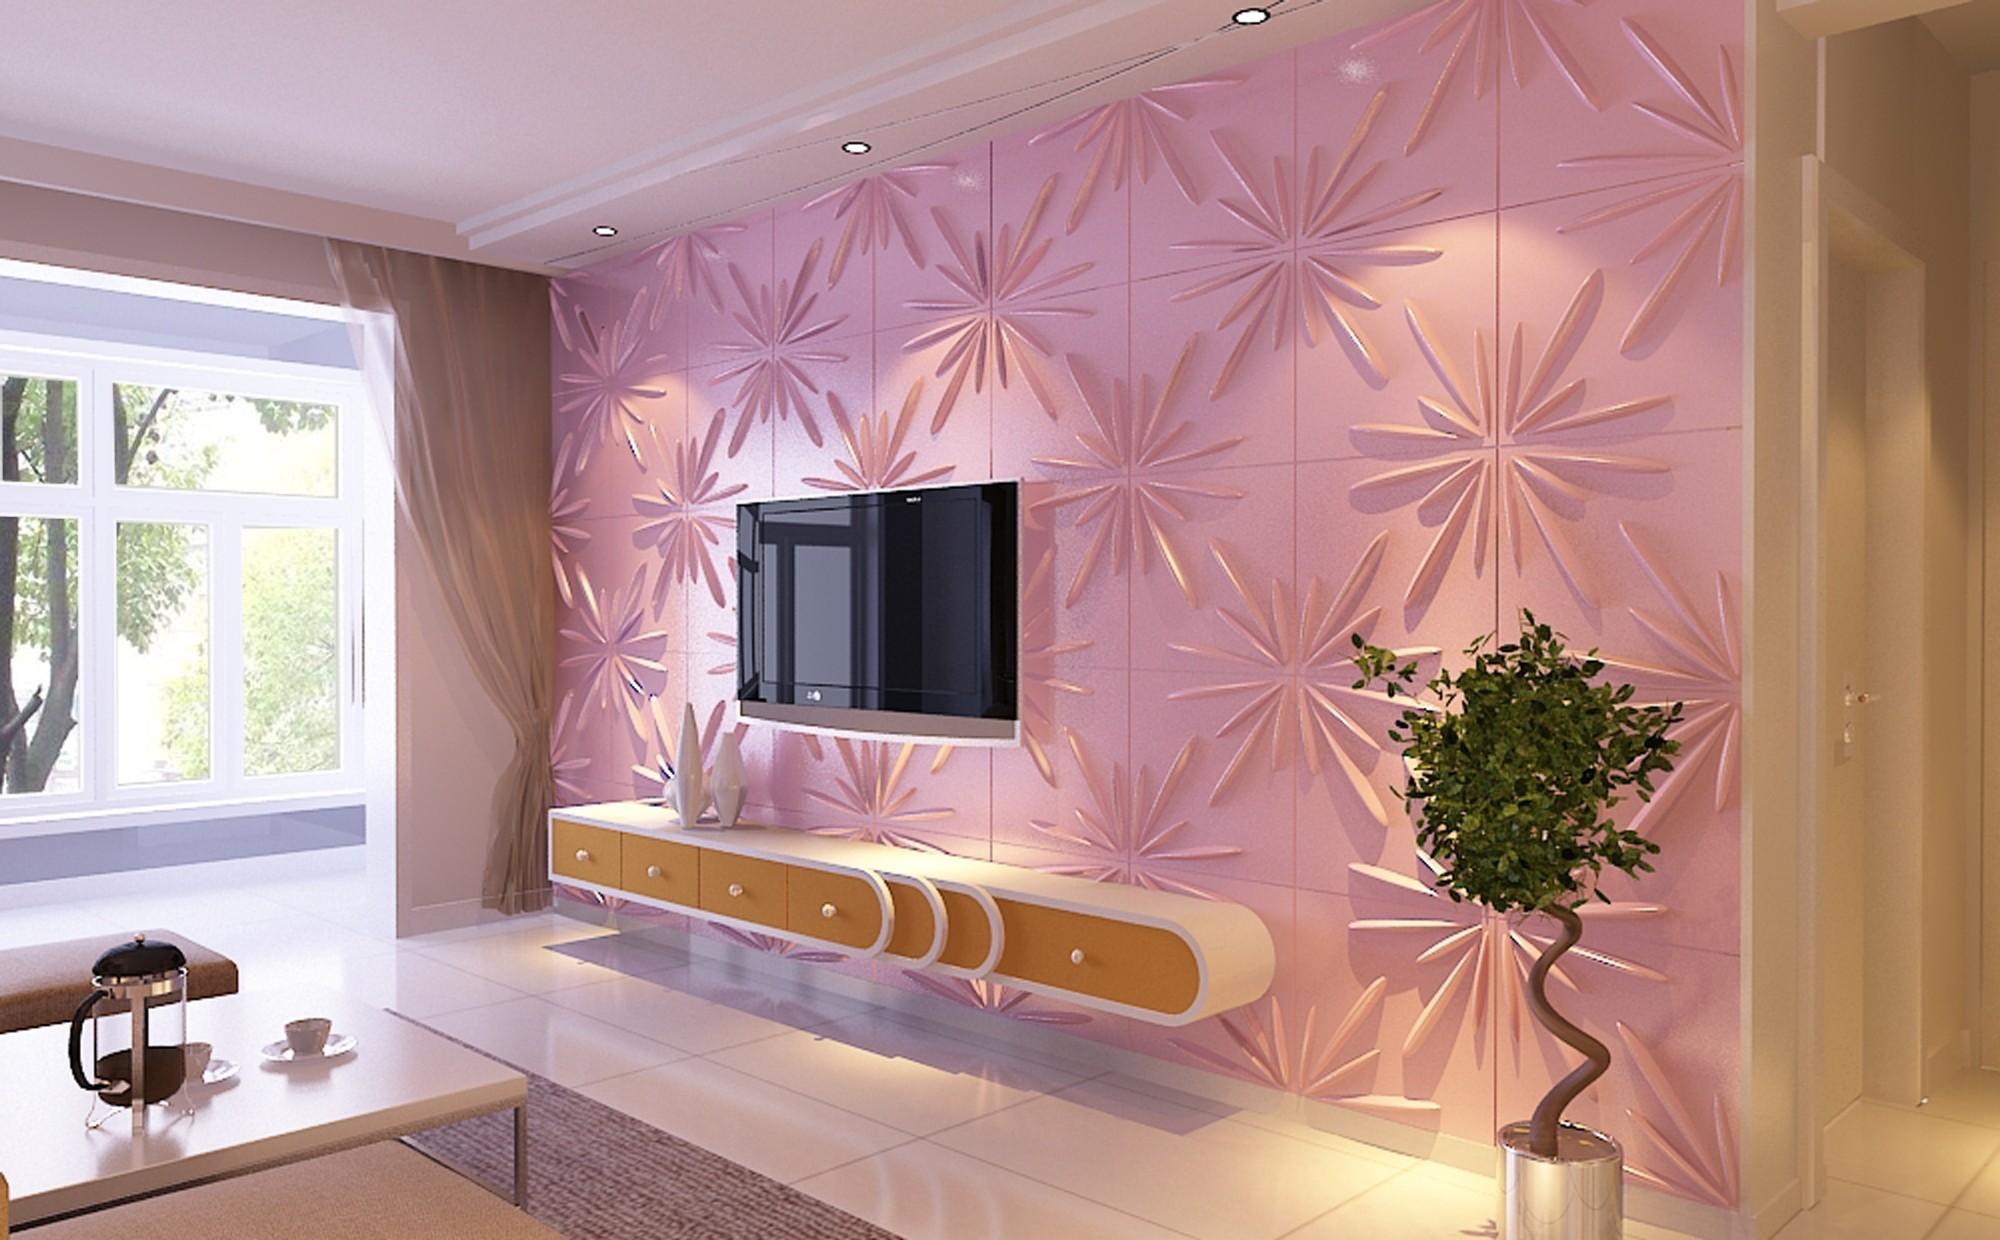 1 m2 paneele 3d platten 3d wanddekor wandverkleidung decke wand 50x50cm elijah dekore aus. Black Bedroom Furniture Sets. Home Design Ideas